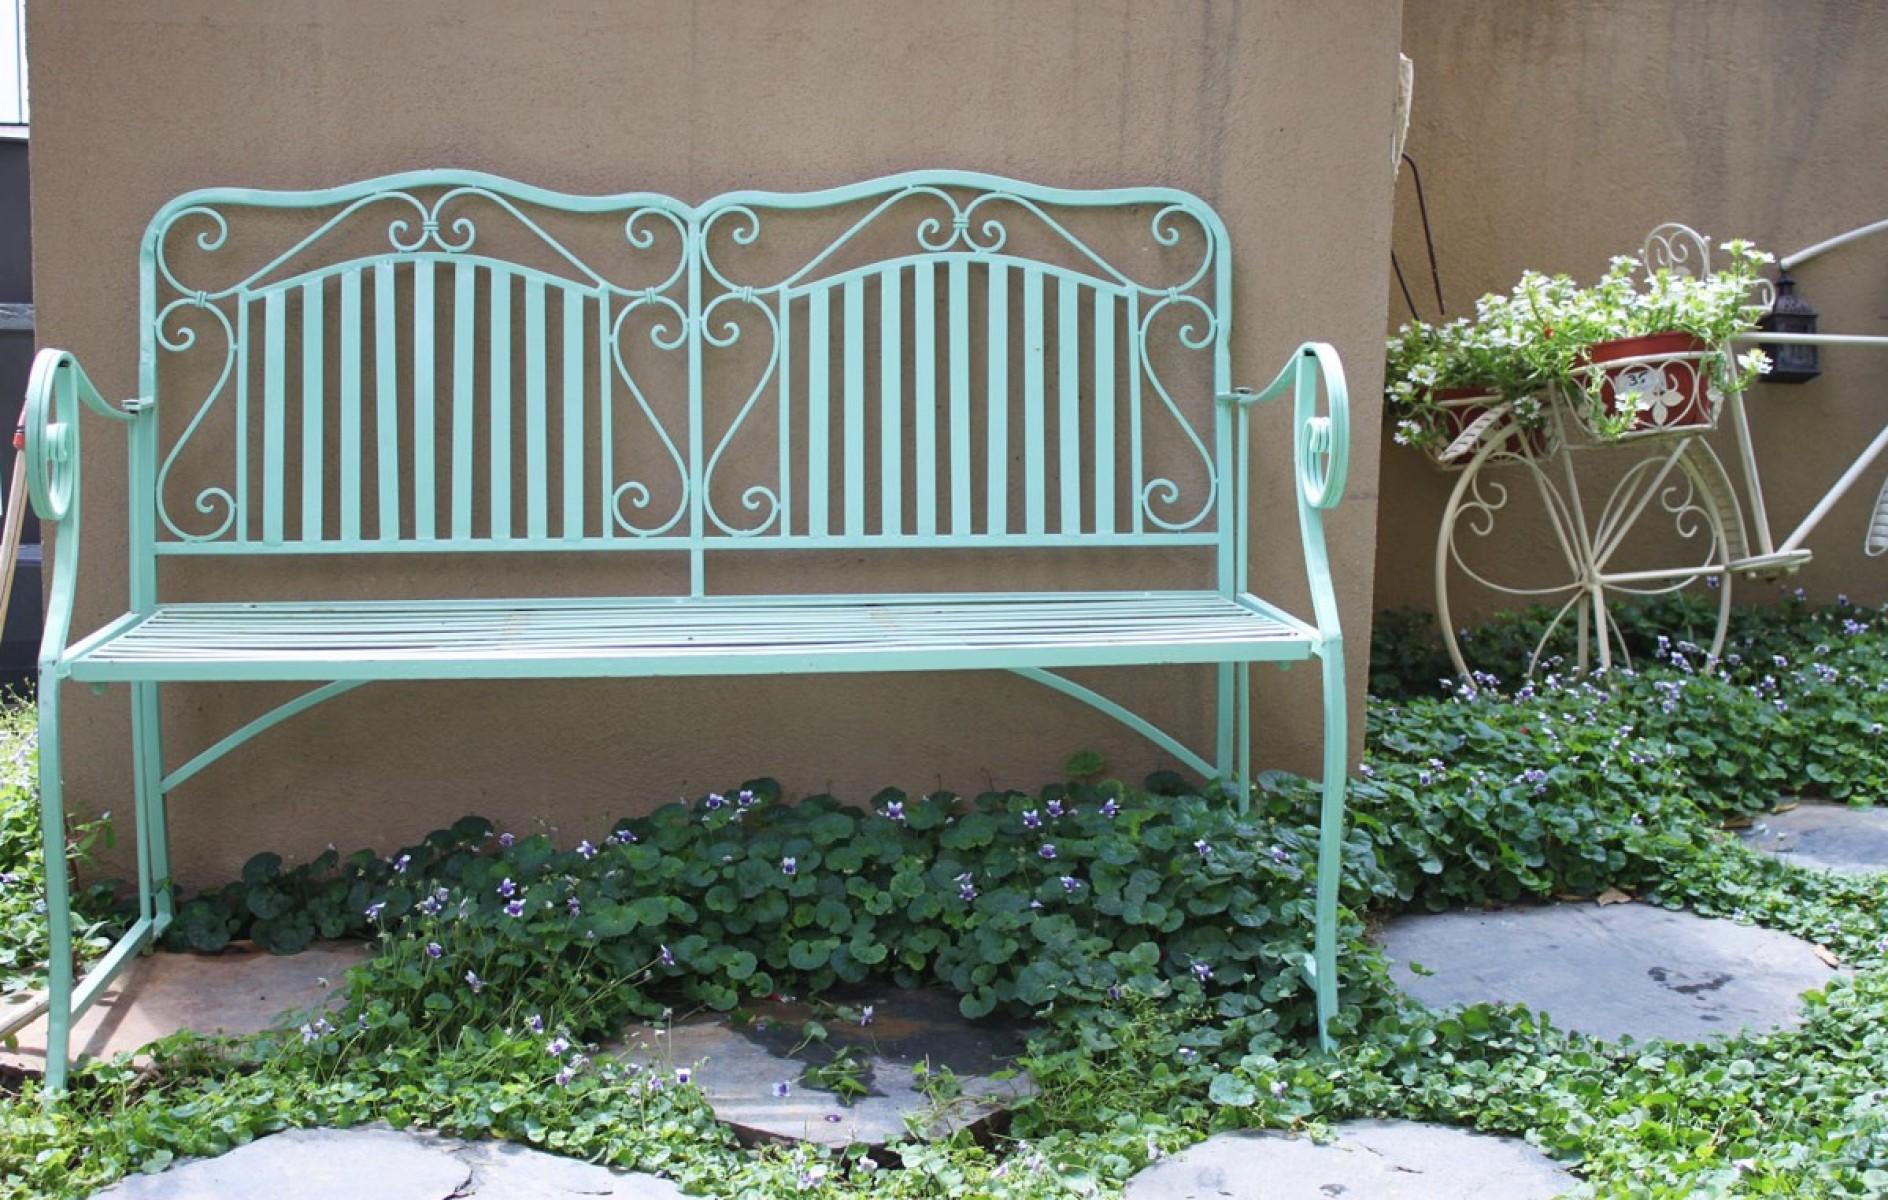 ספסל גינה פרזול בצבע טורקיז